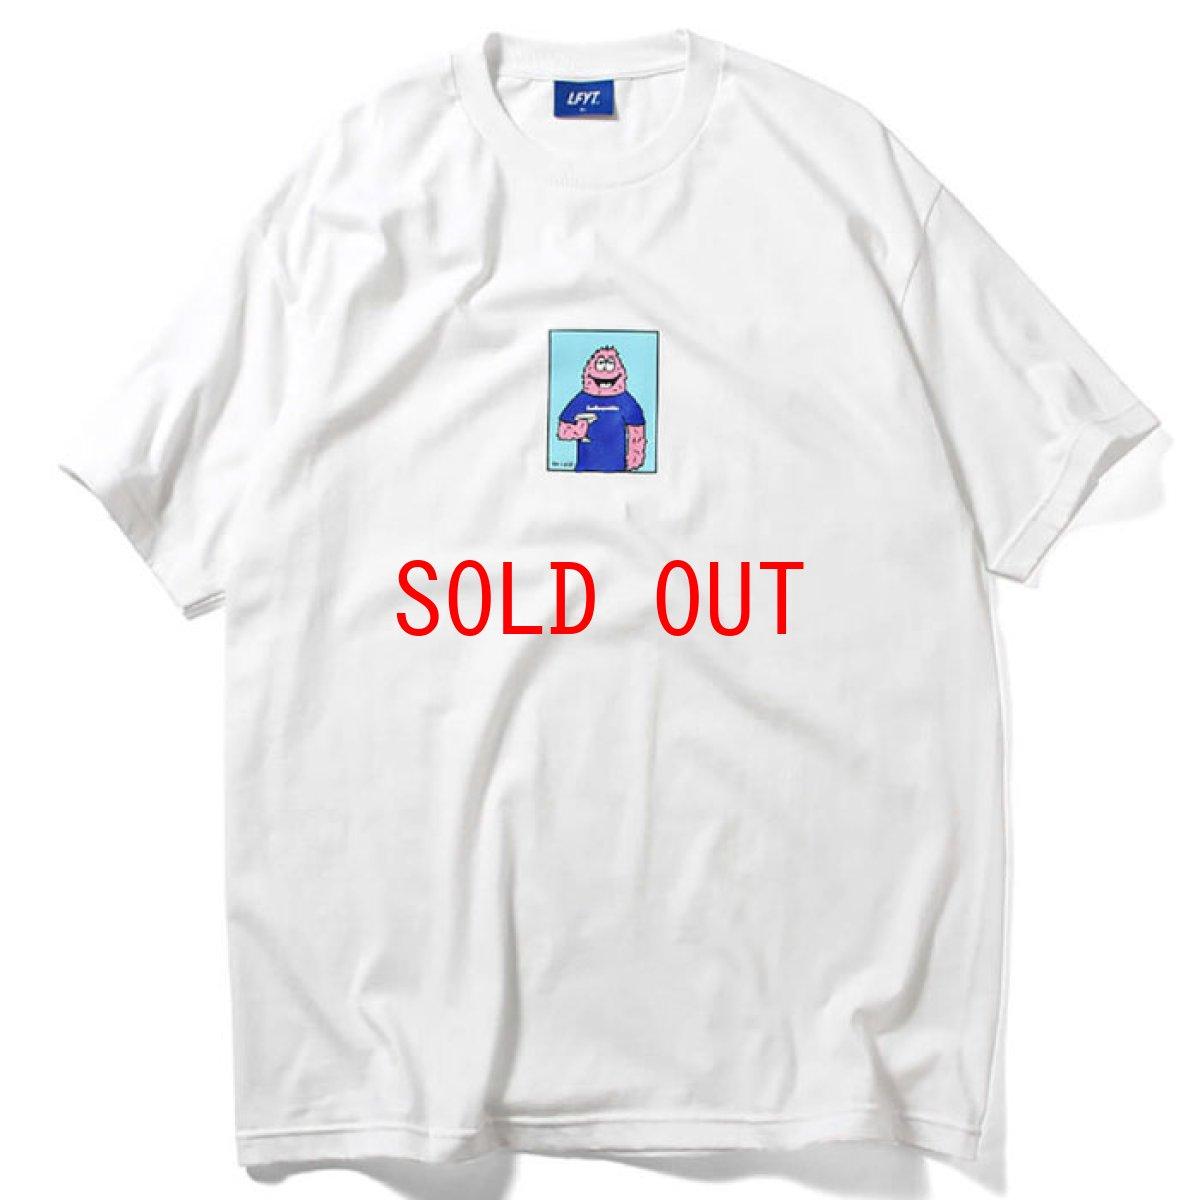 画像1: × Rabuns ラブン Cheers S/S Tee 半袖 Tシャツ  by Lafayette ラファイエット  (1)